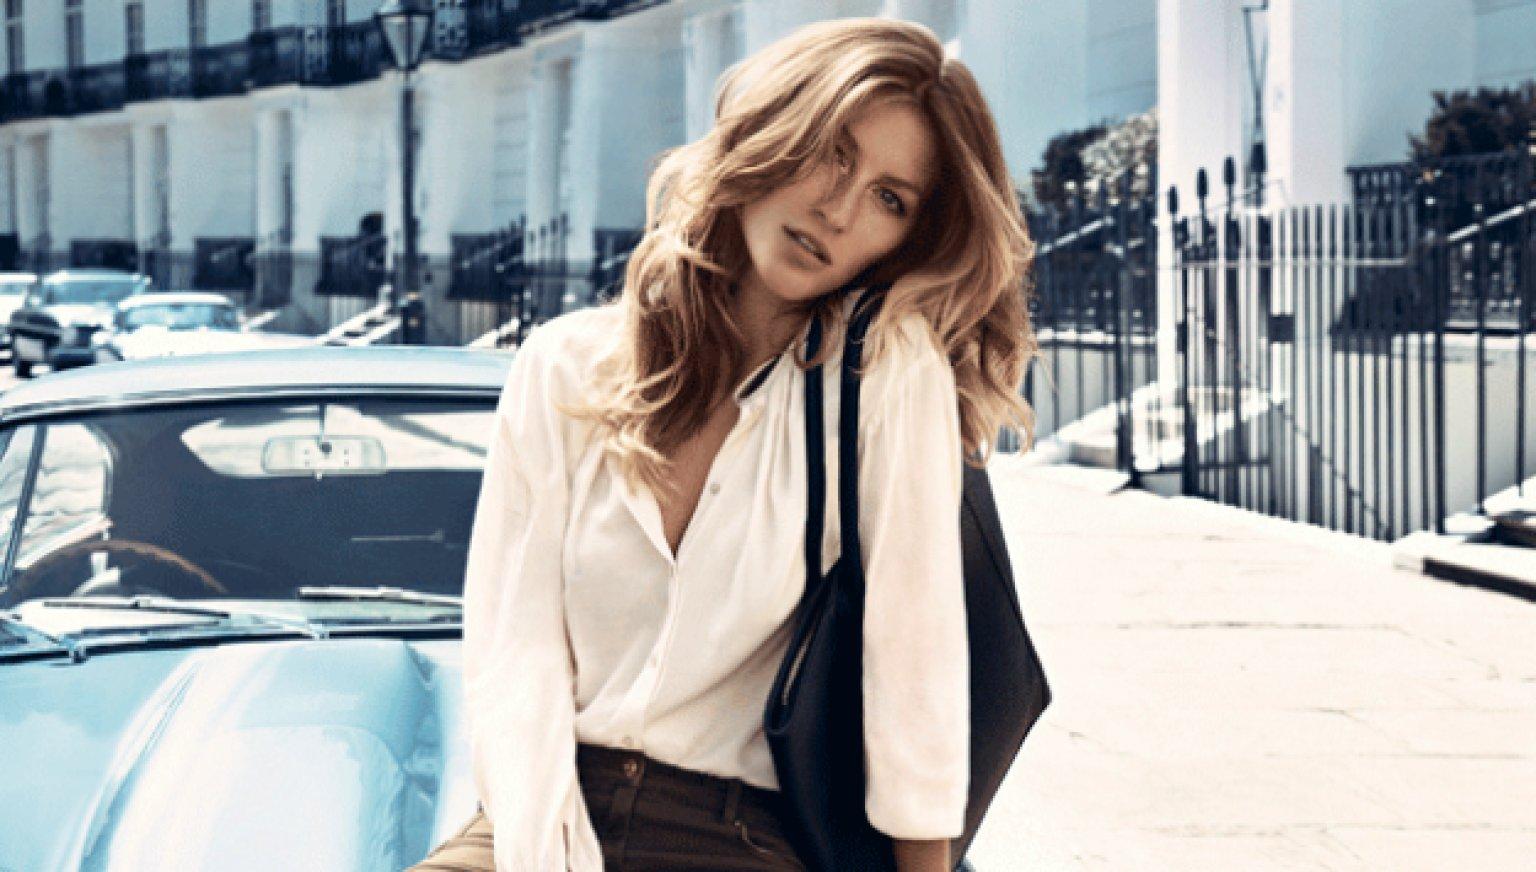 Gisele Bundchen Is The New Face And Voice Of H&M's Autumn ... Gisele Bundchen Facebook